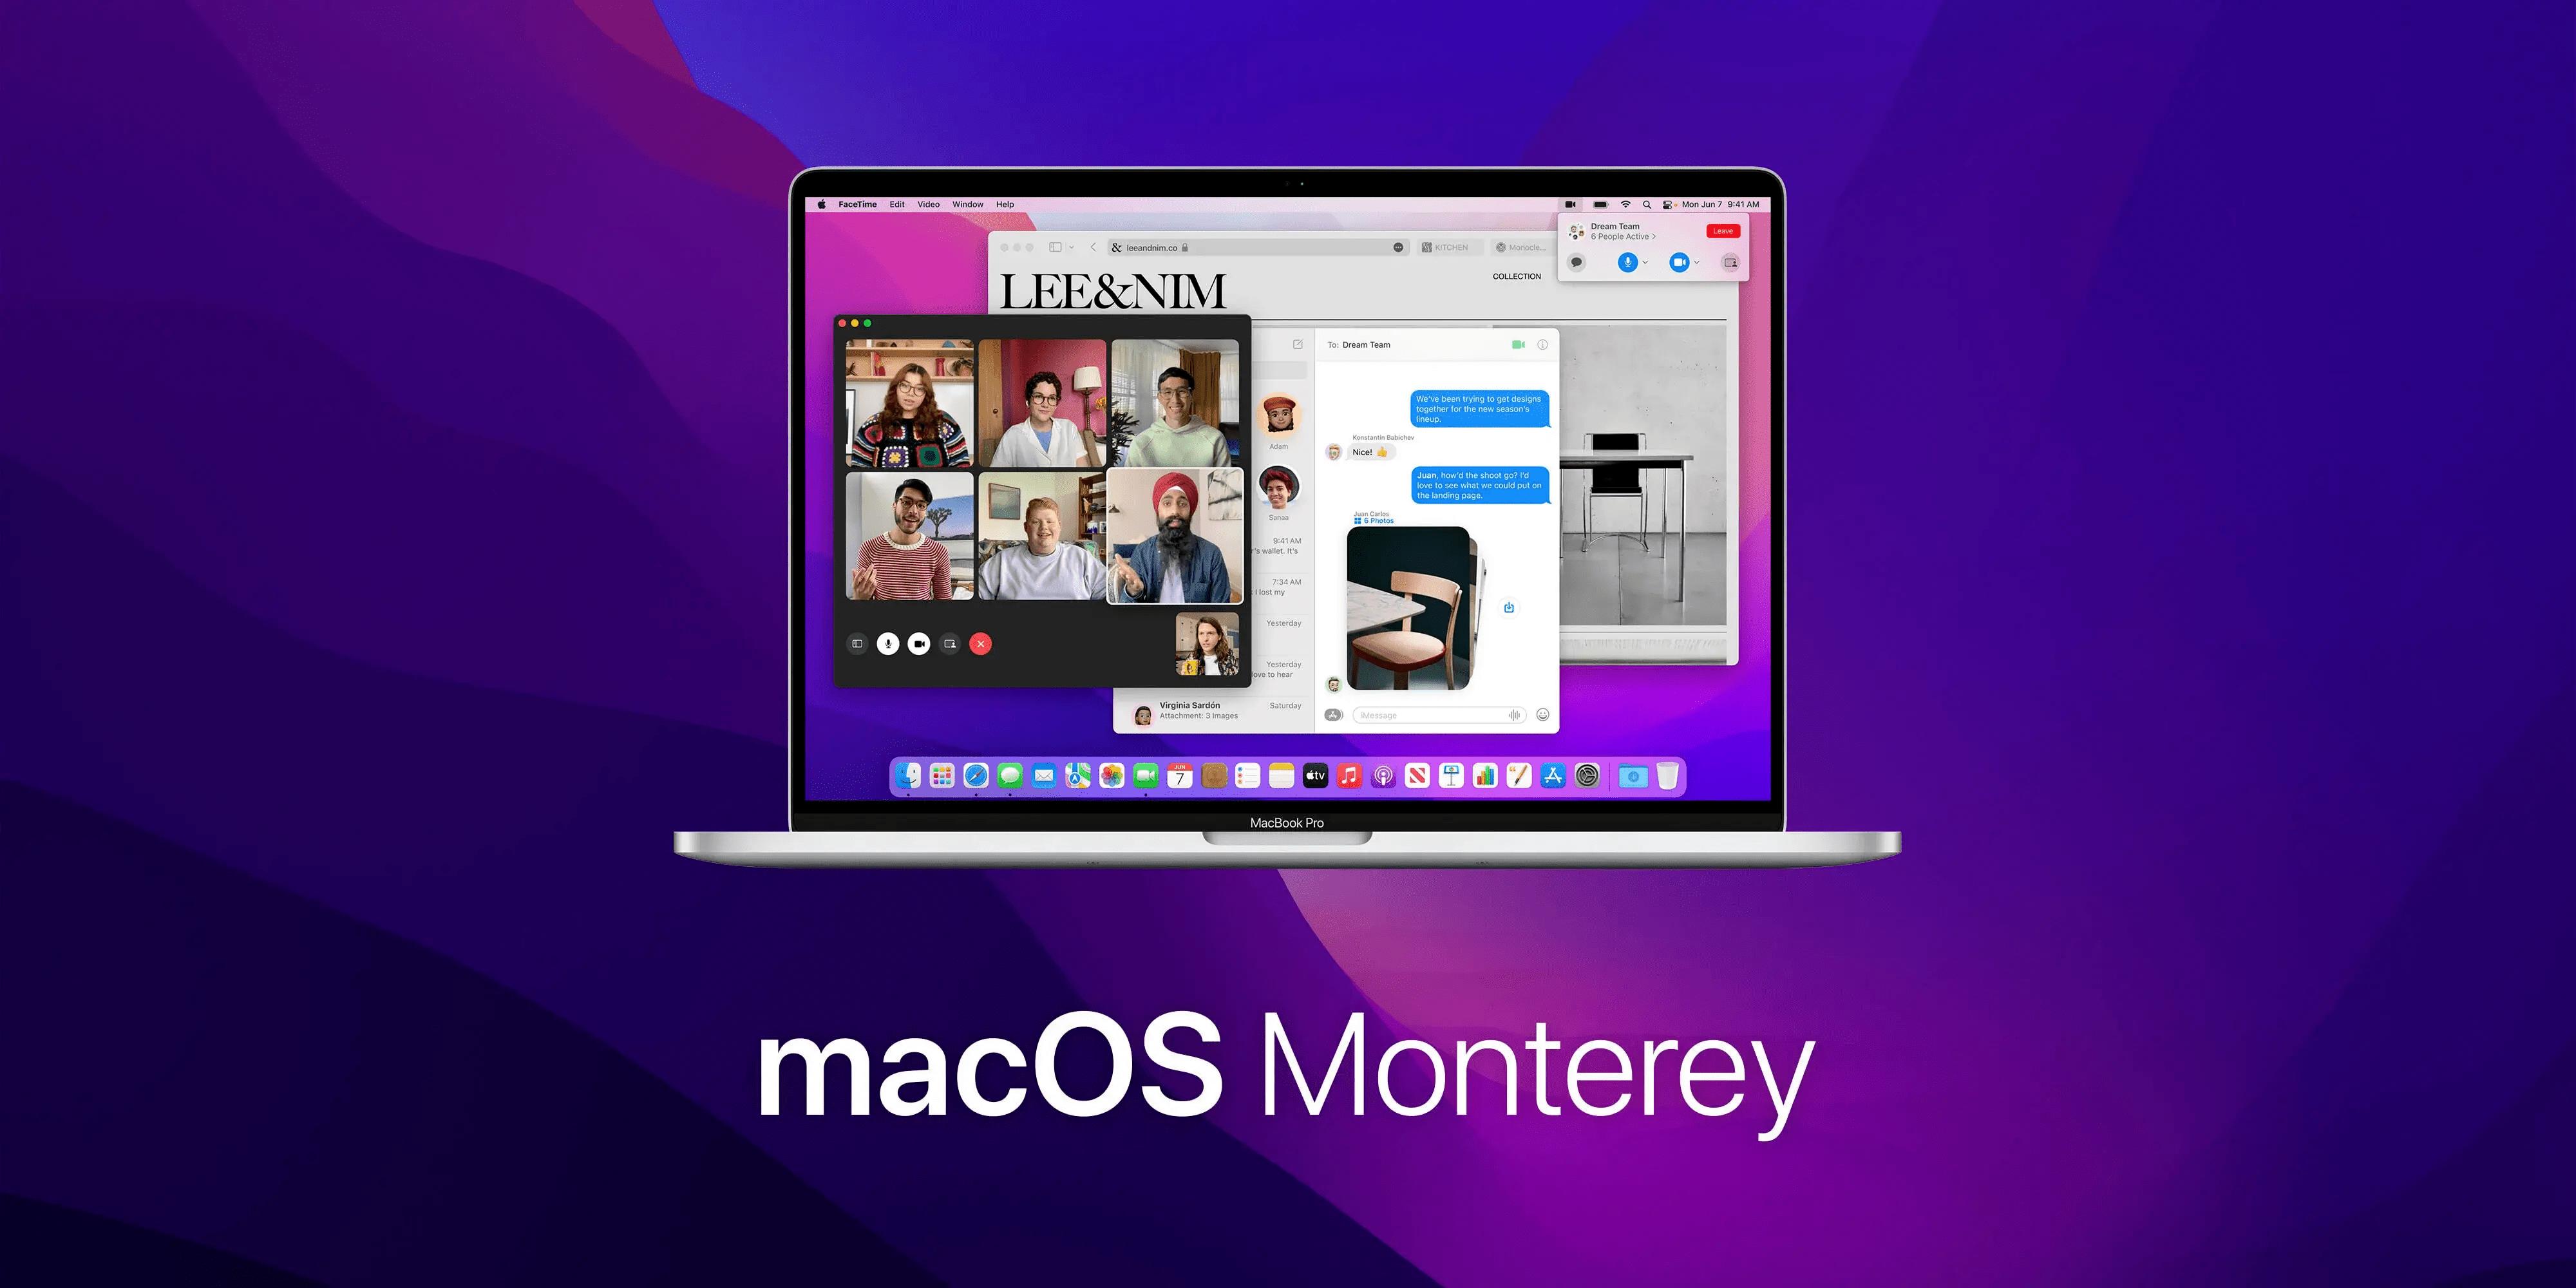 Október 25-én jelenik meg a macOS Monterey!